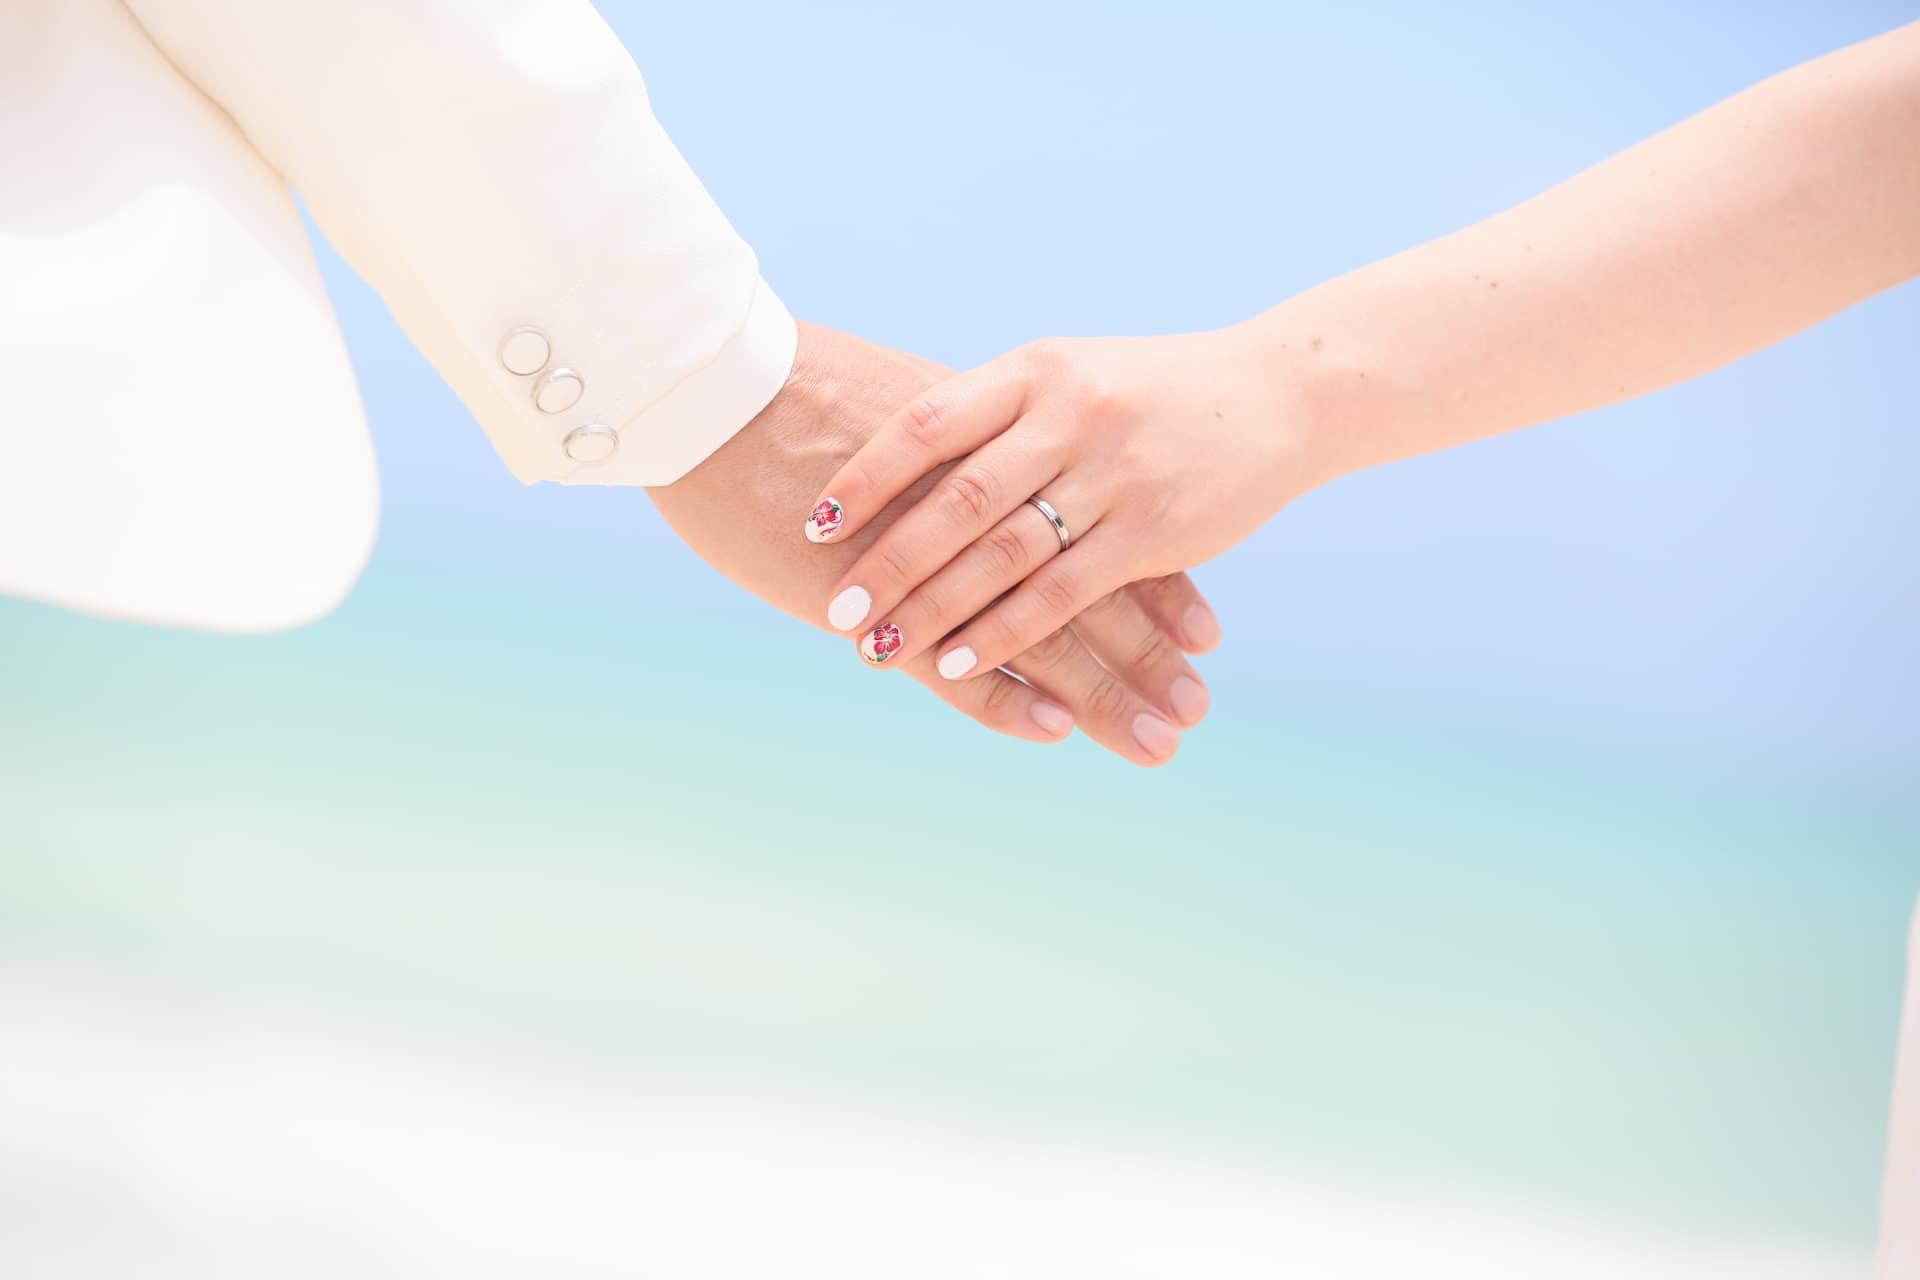 婚活の最大の敵は諦めてしまうこと。違う種類を取り入れよう。